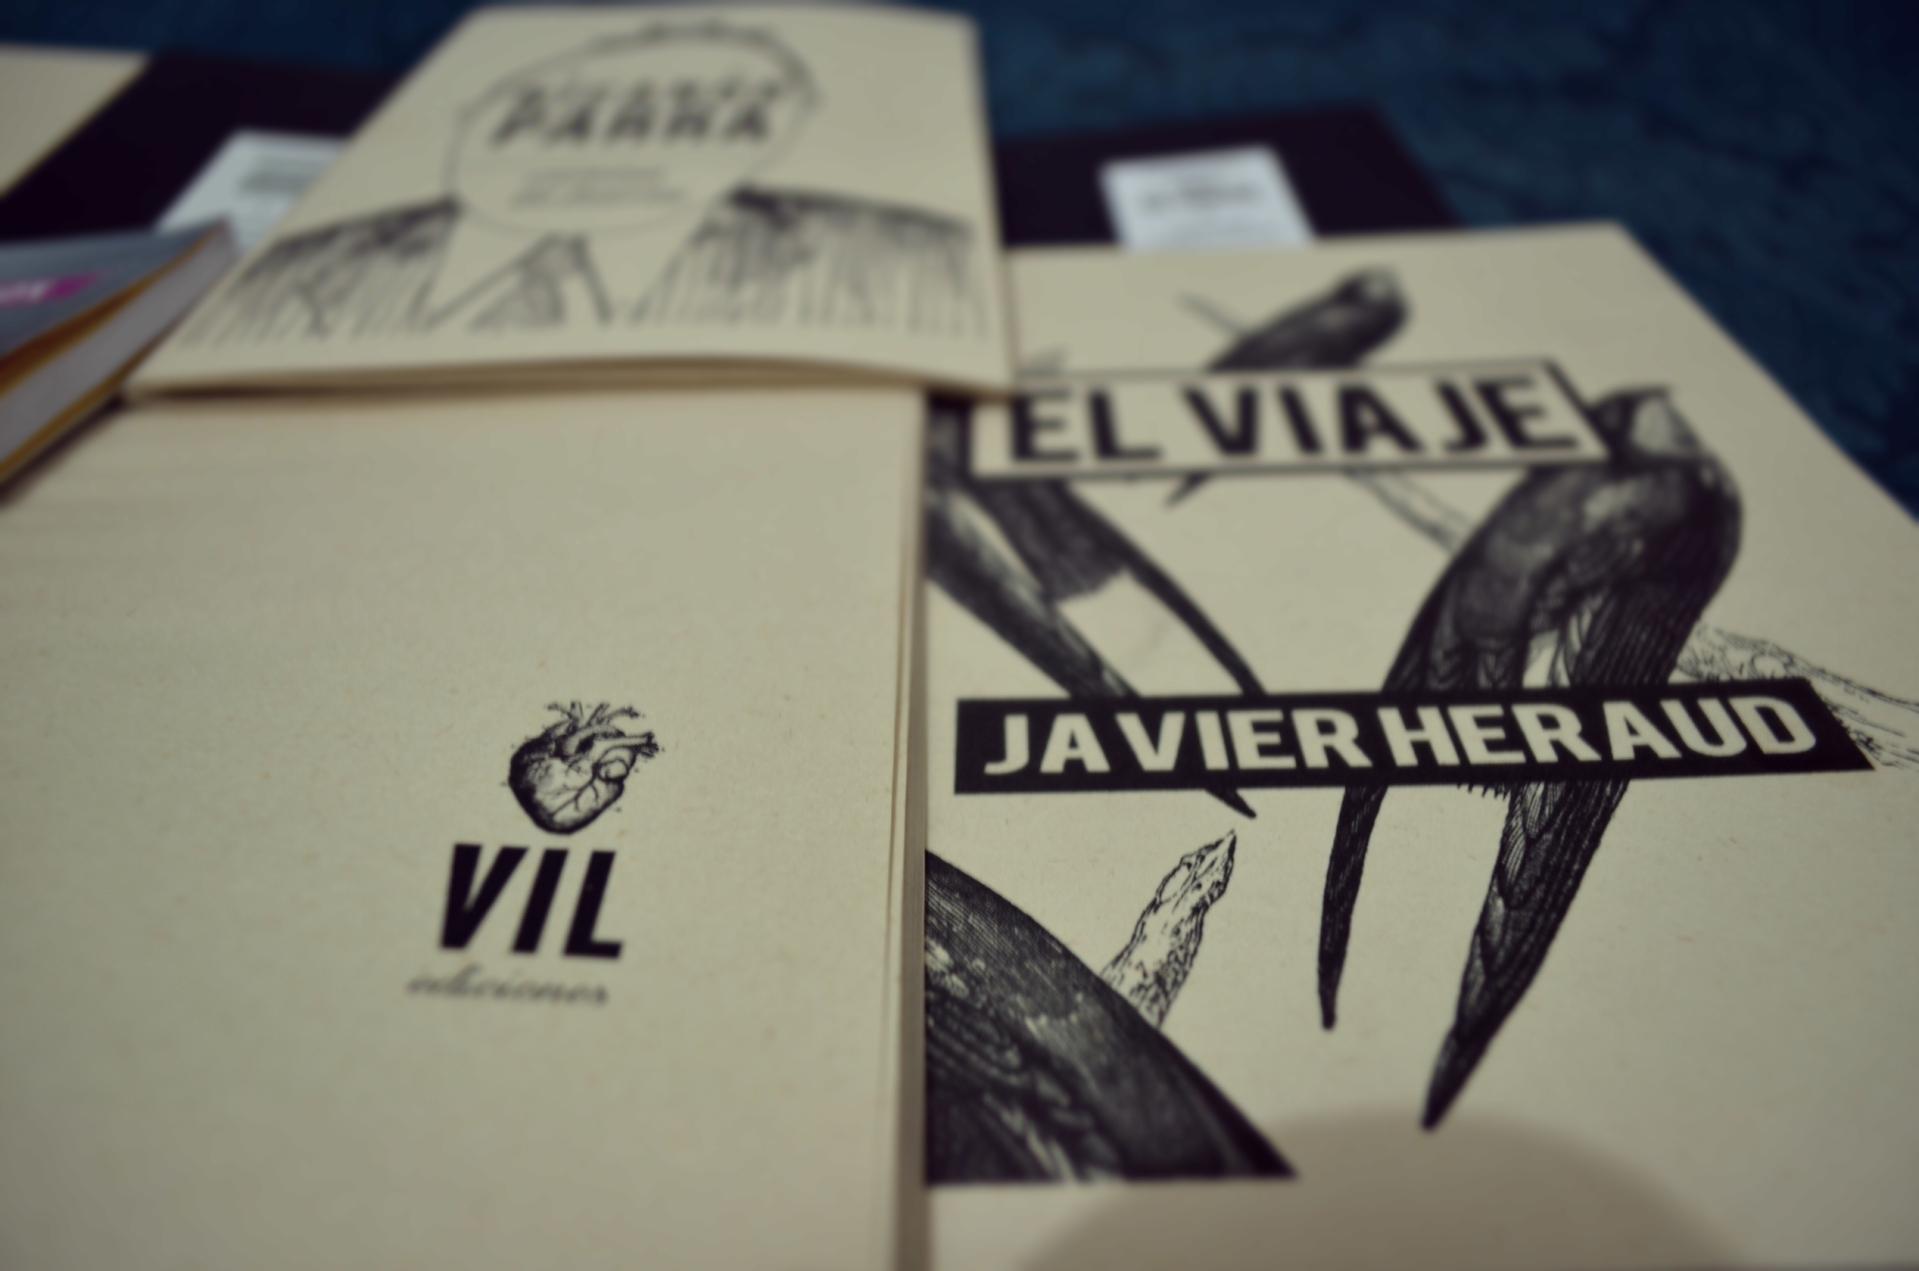 Javier Heraud, El Viaje. Vil Ediciones. Foto de john Díaz para Literariedad.